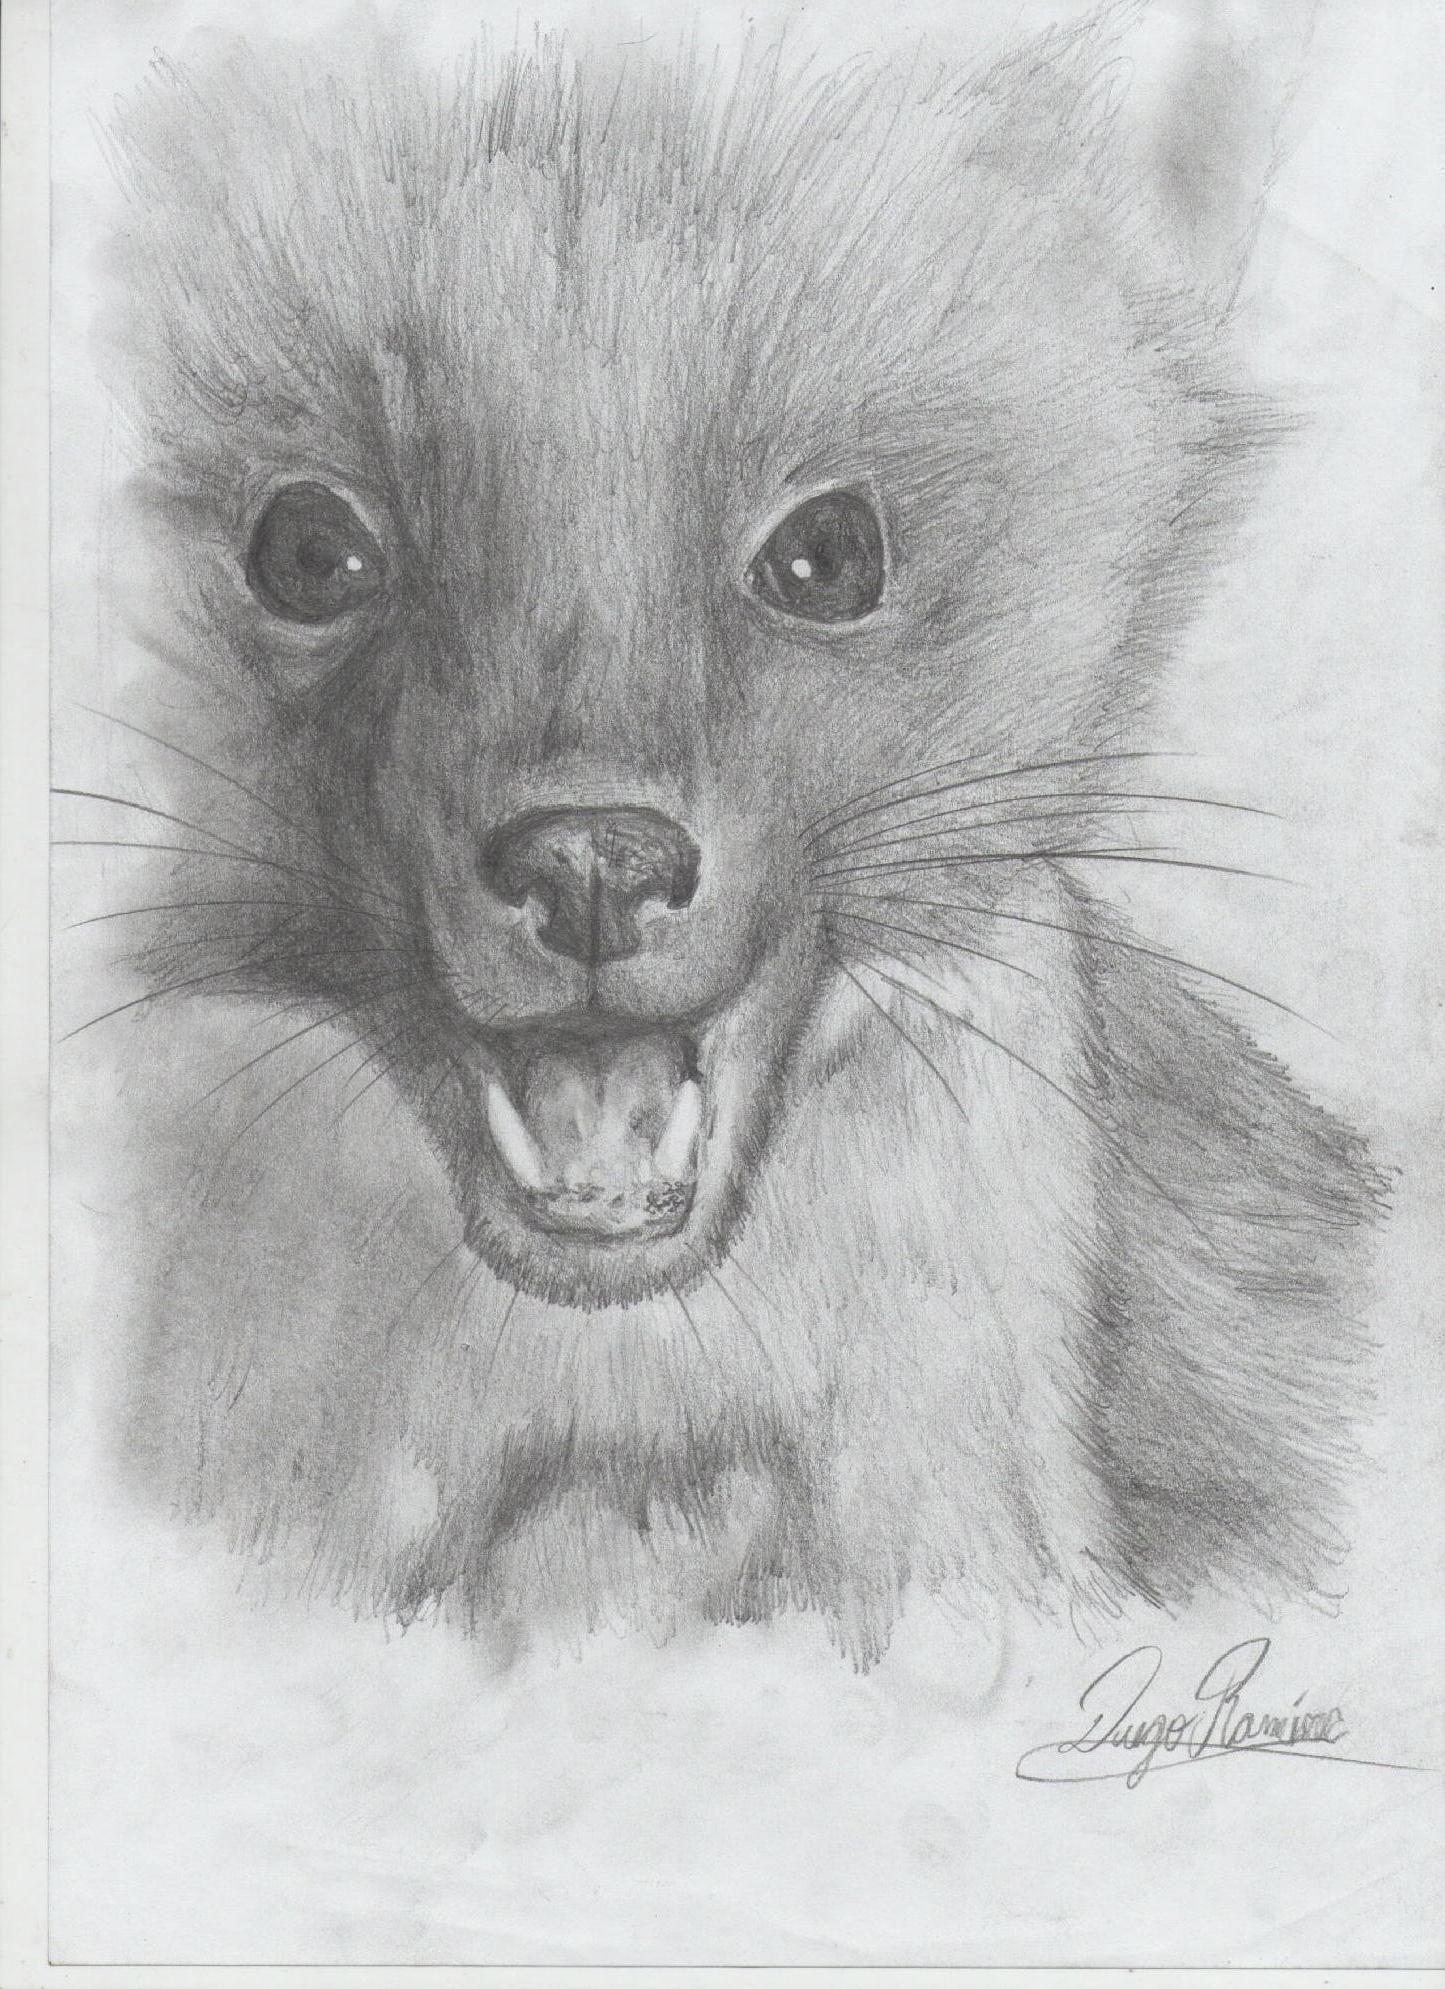 Imagen relacionada  dibujos  Pinterest  Ilustraciones y Dibujo